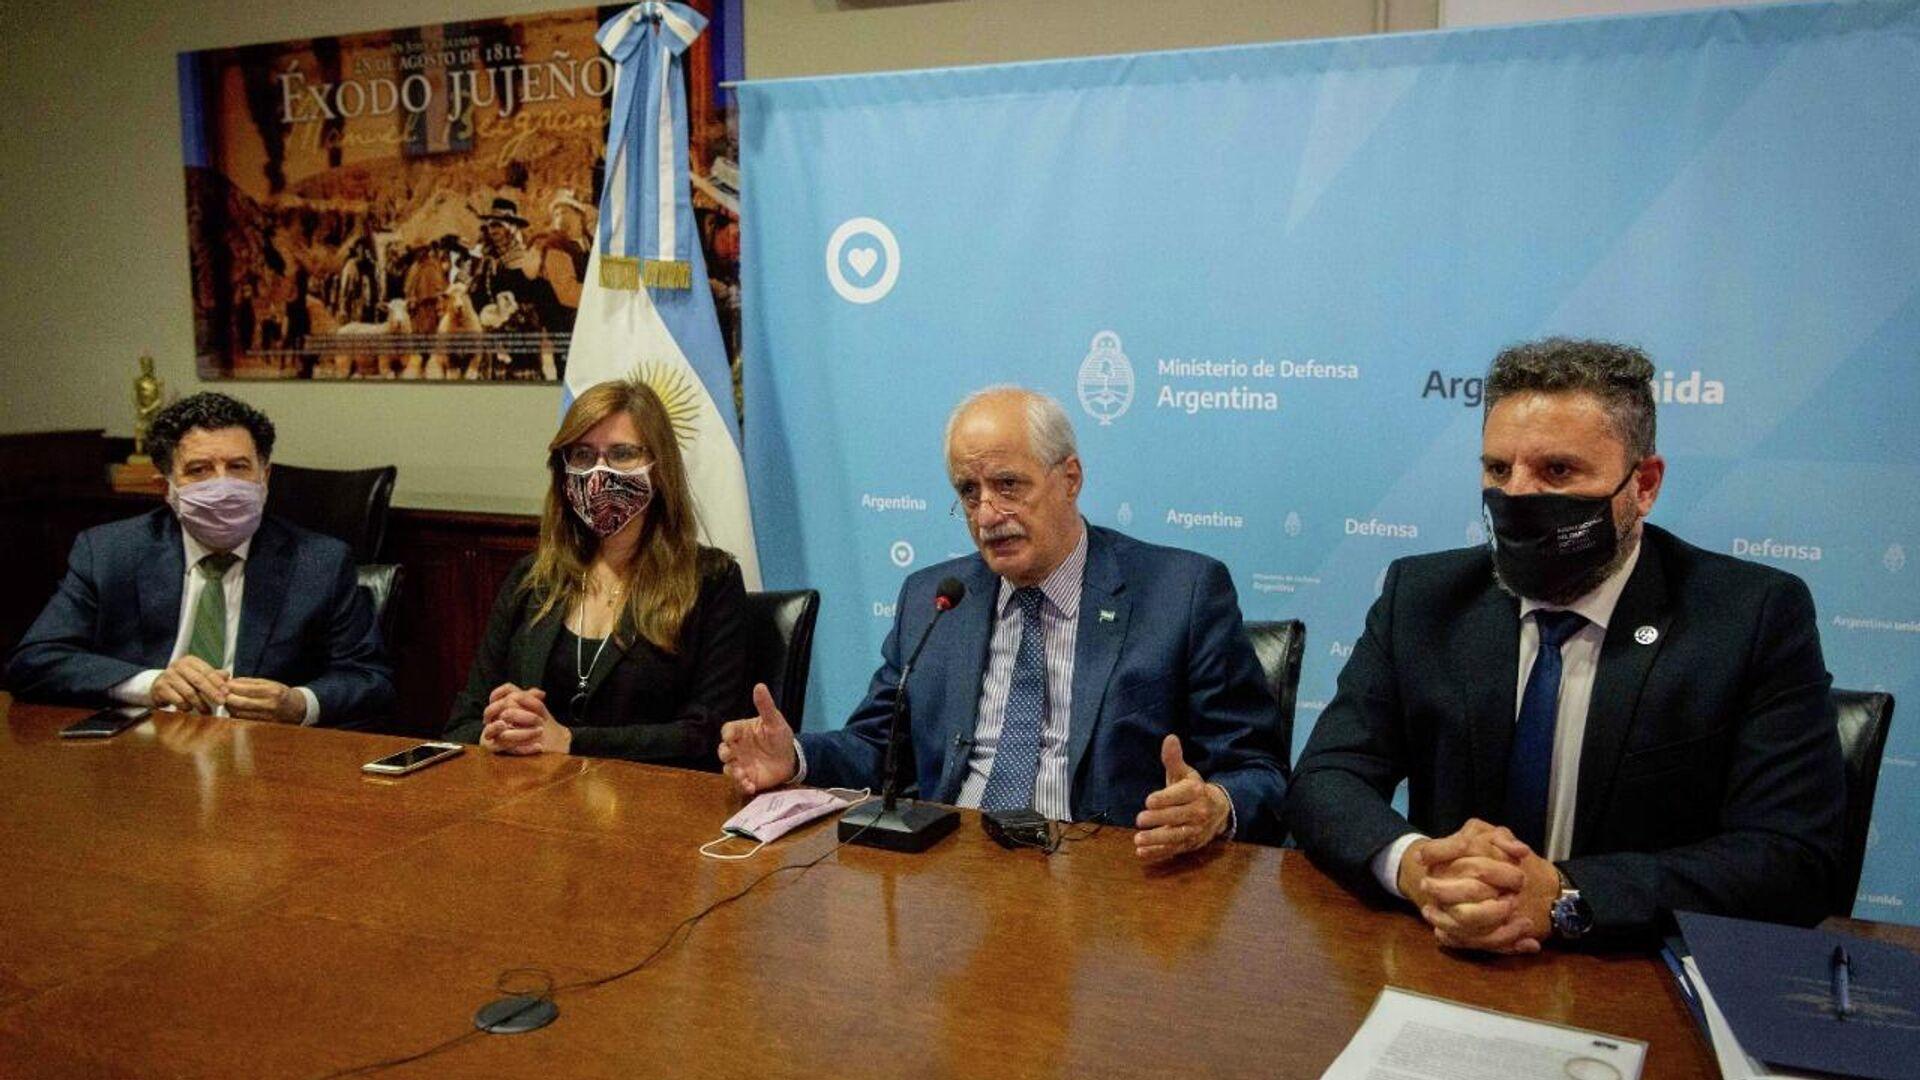 Jorge Taiana, ministro de Defensa argentino, encabezó la firma de un importante acuerdo entre fabricaciones militares y la empresa Orica de Perú - Sputnik Mundo, 1920, 07.10.2021